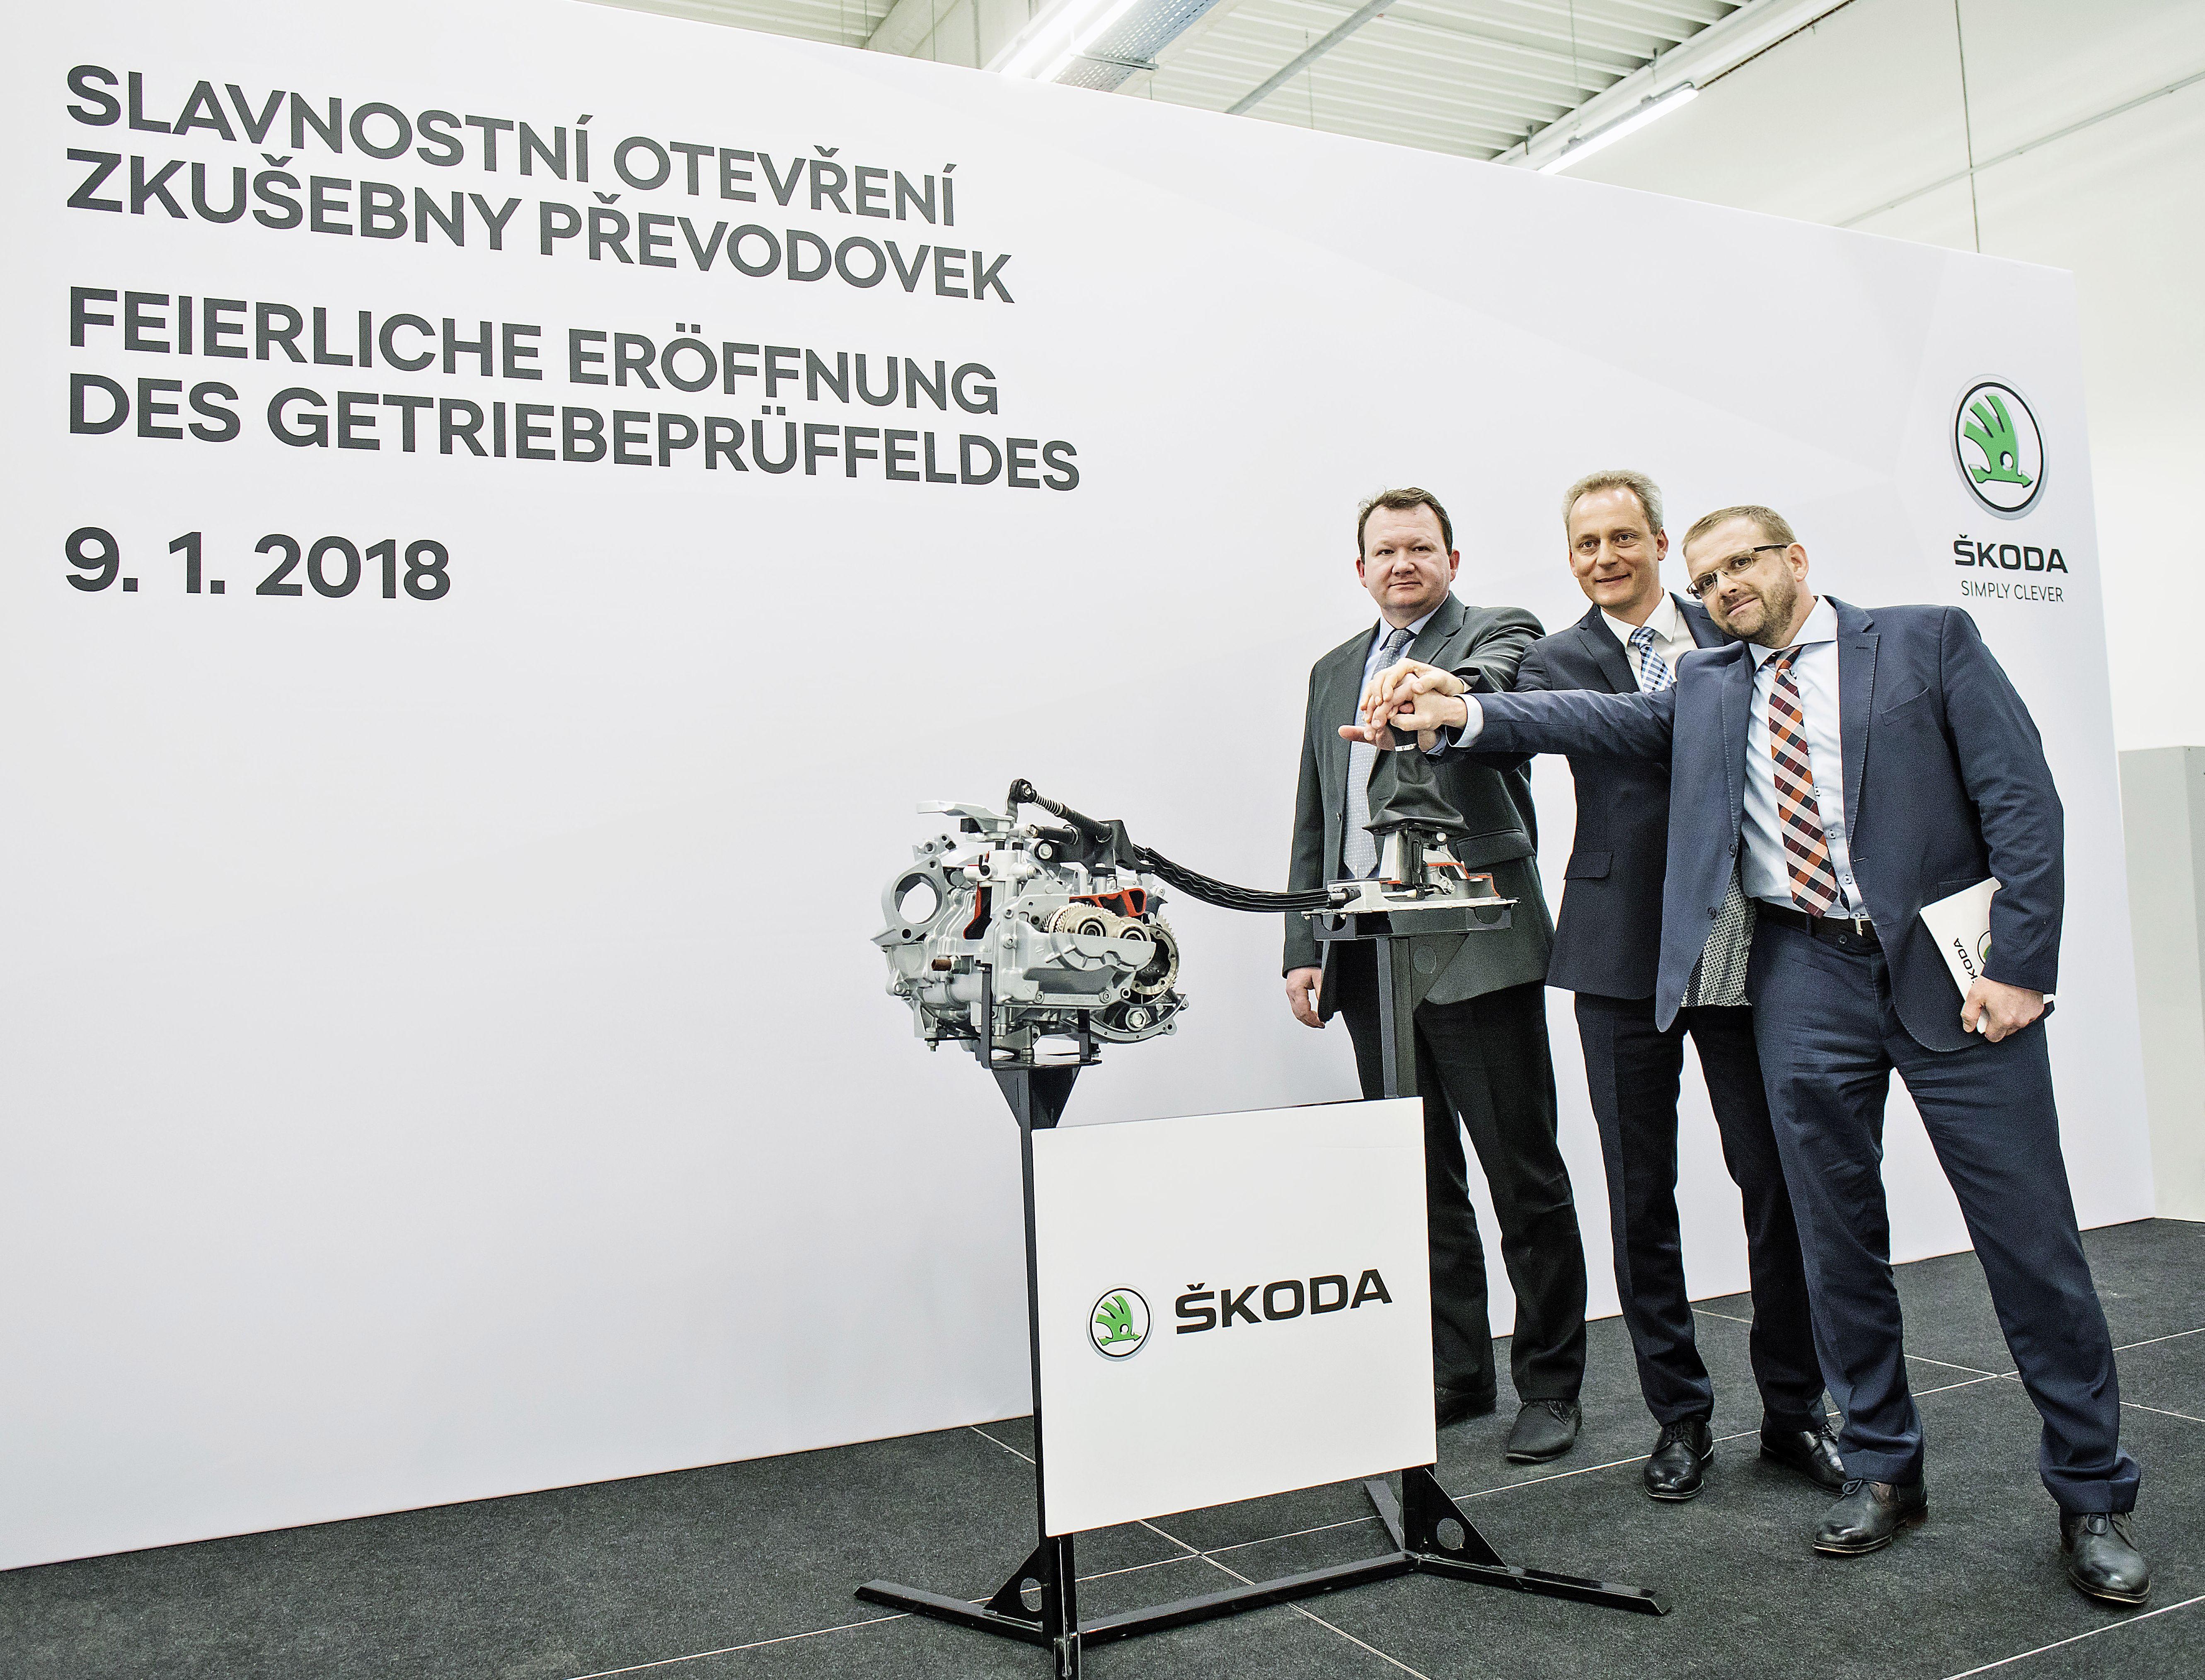 Slavnostní otevření zkušebny převodovek Škoda Auto